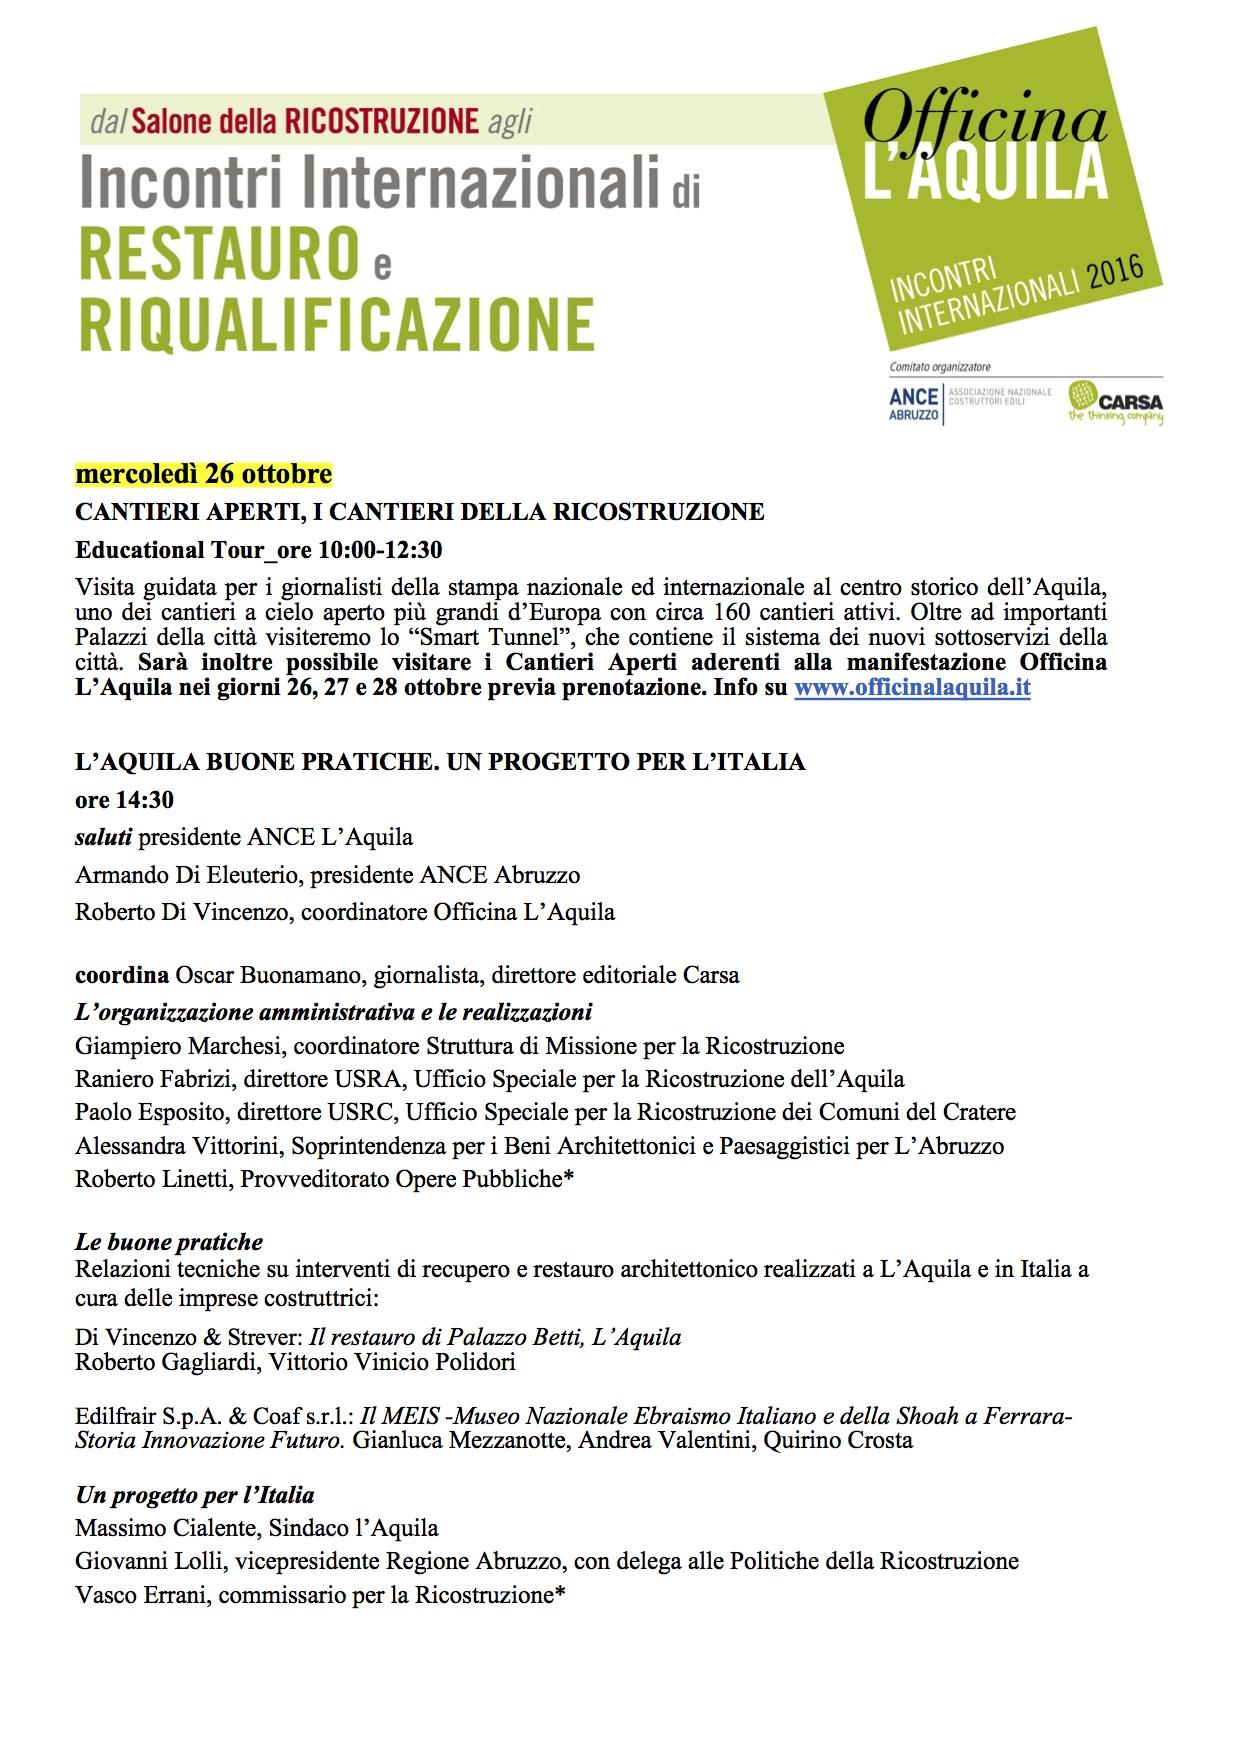 Officina L'Aquila 2016